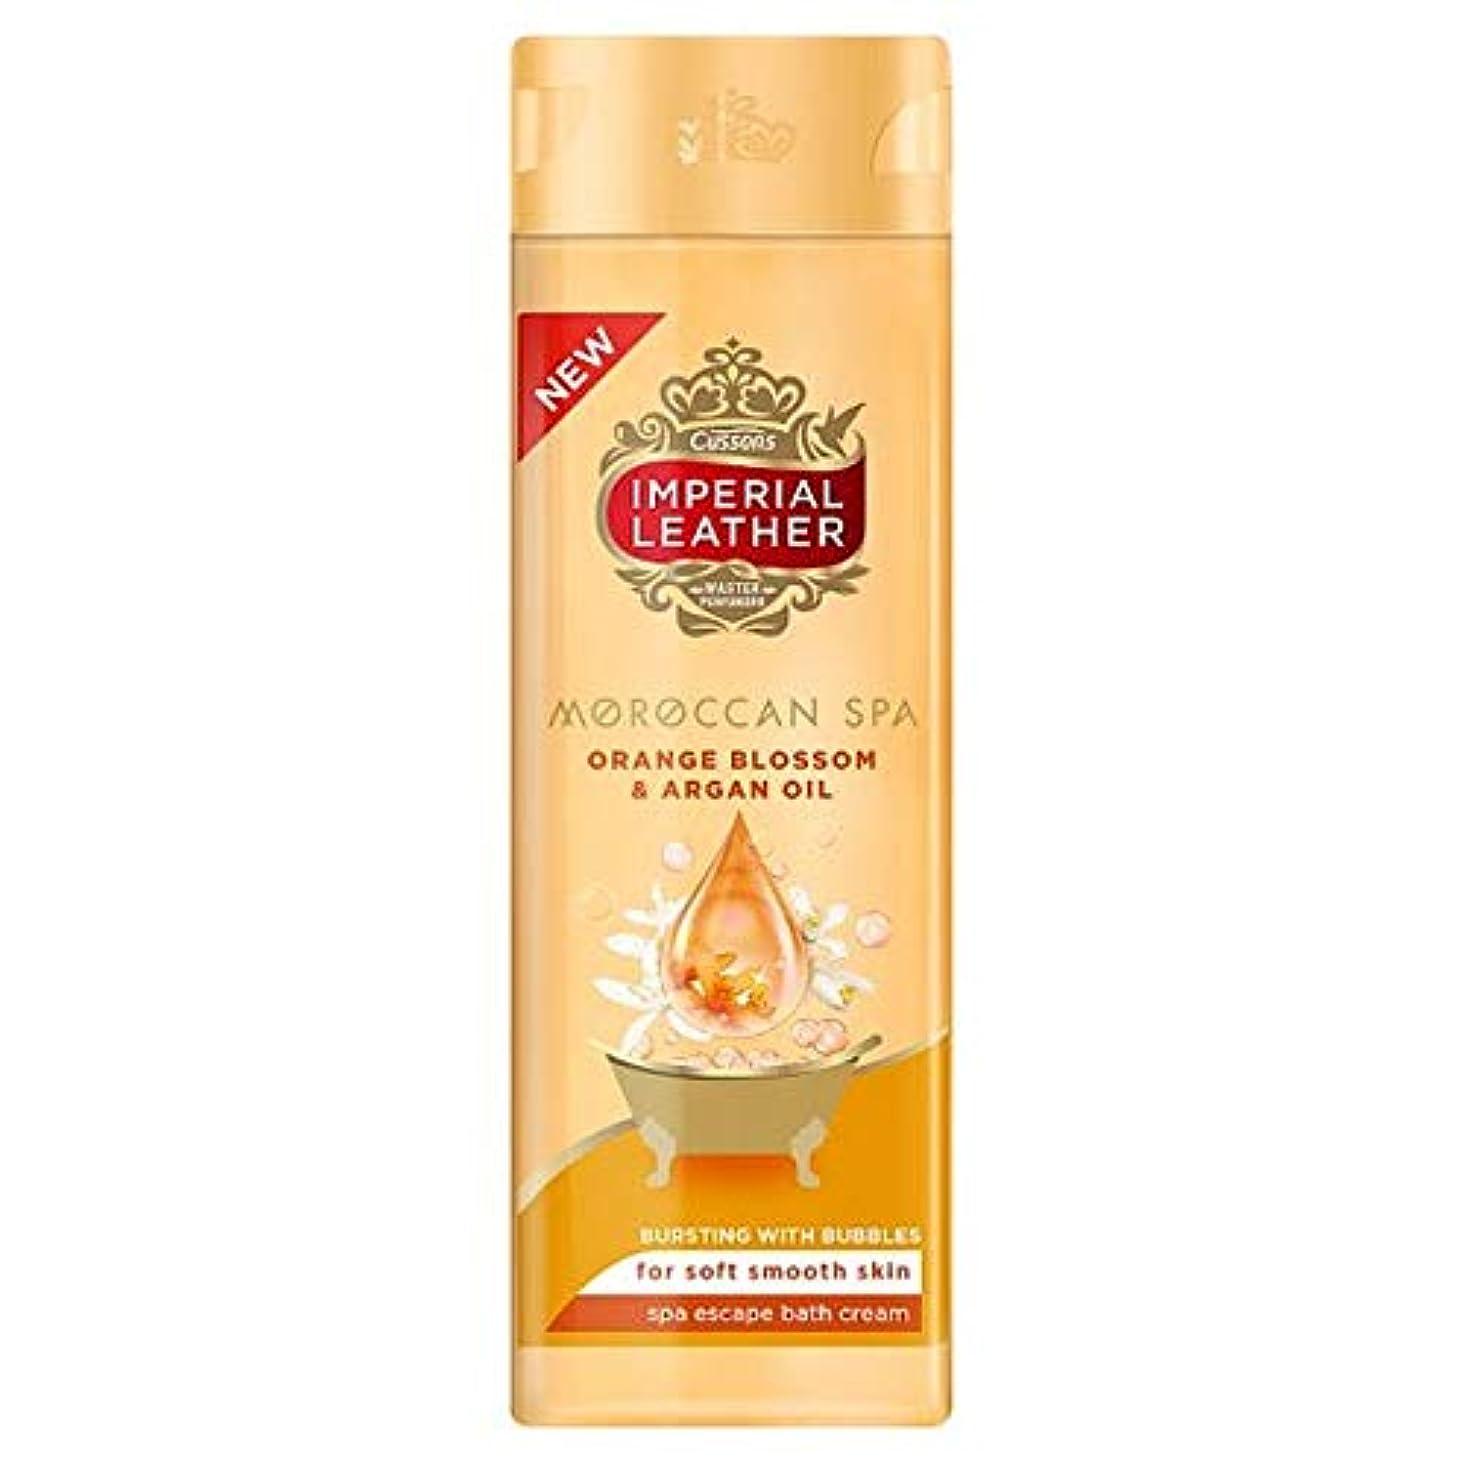 速報修理工バリー[Imperial Leather] 帝国革モロッコスパバスクリーム500ミリリットル - Imperial Leather Moroccan Spa Bath Cream 500Ml [並行輸入品]